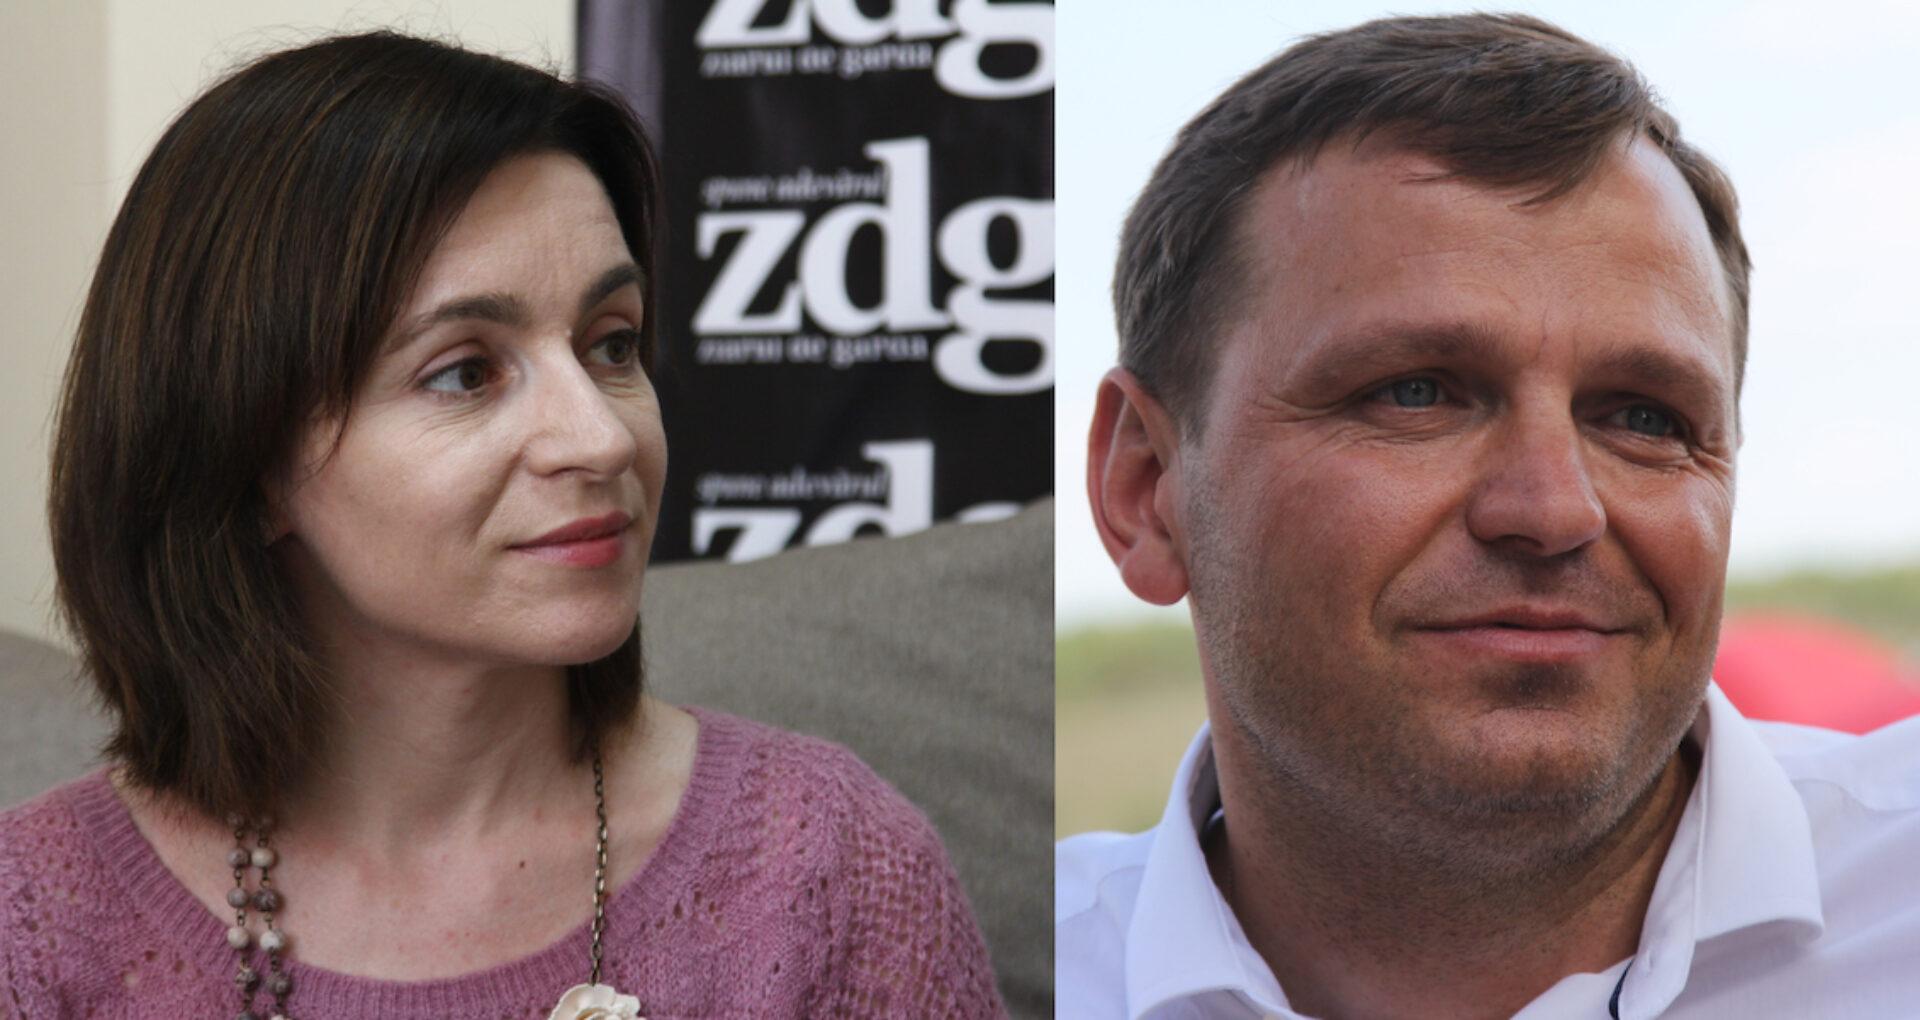 """Reacția Maiei Sandu după ce Andrei Năstase a declarat că el este """"singurul candidat capabil să-l învingă pe Igor Dodon"""""""